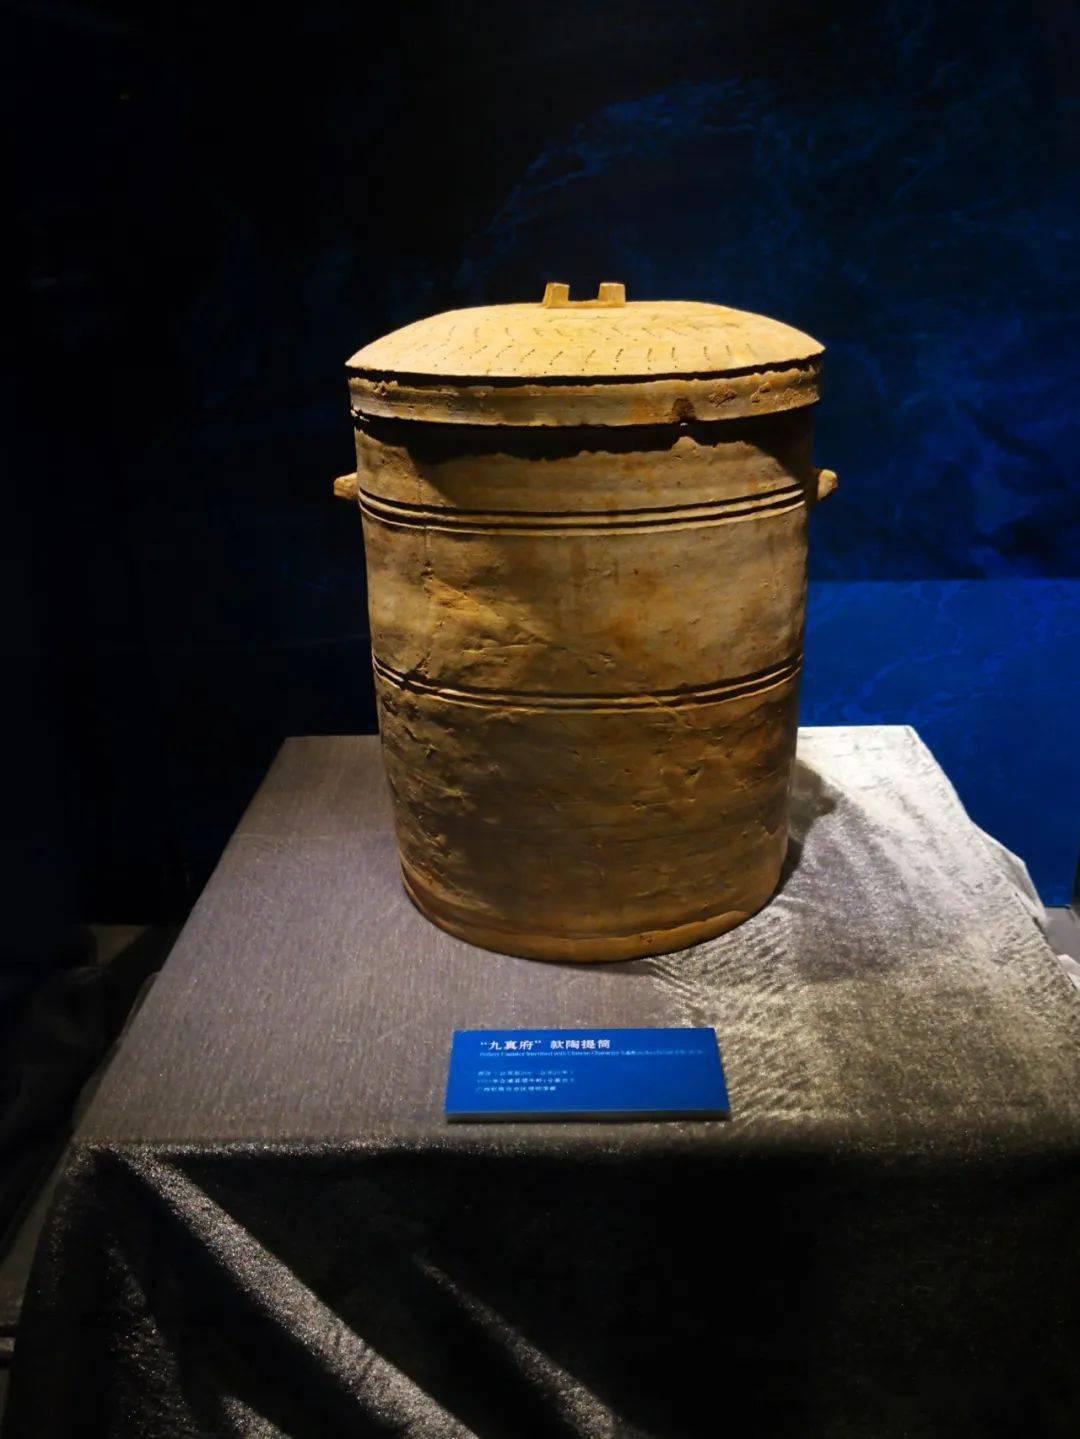 Kho báu cổ vật điêu khắc khổng lồ được khai quật từ lăng mộ hơn 2000 năm khiến cả thế giới sững sờ - Ảnh 5.